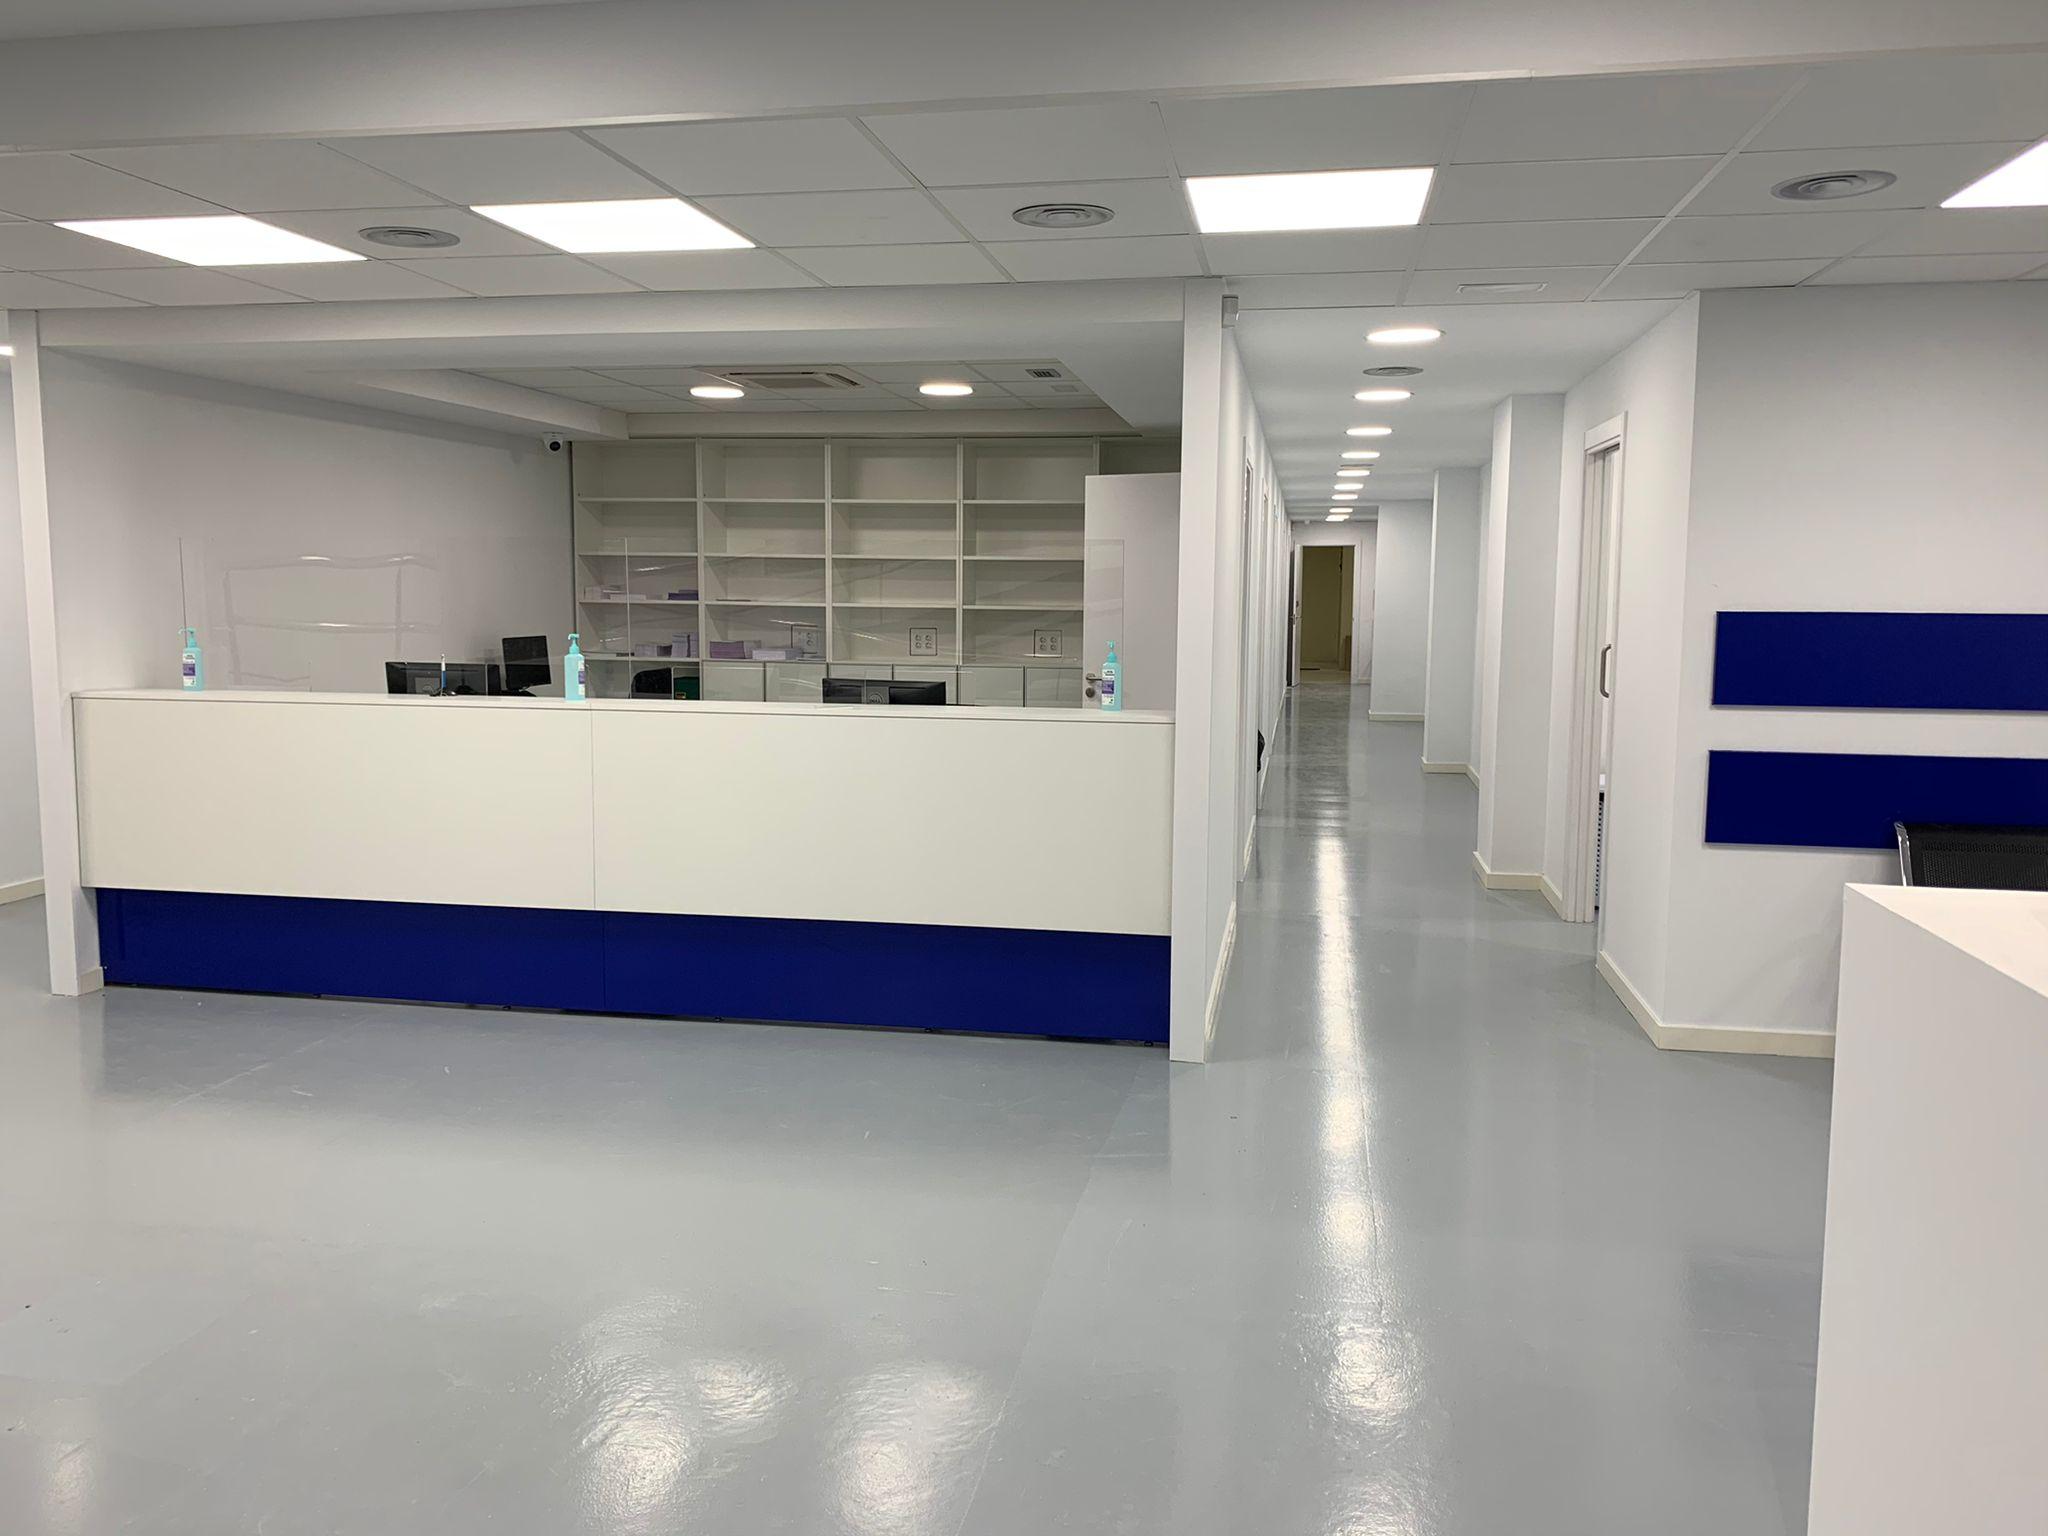 Centro médico Sant Joan Despí recepción 3